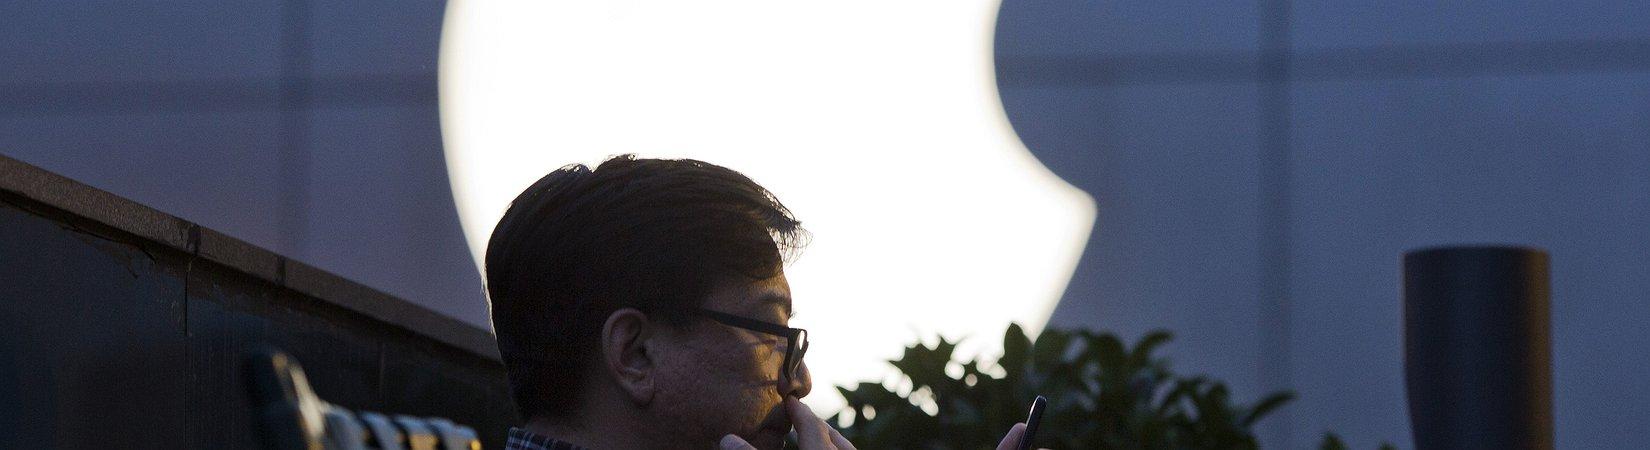 Apple abrirá un centro de I+D en China a finales de este año